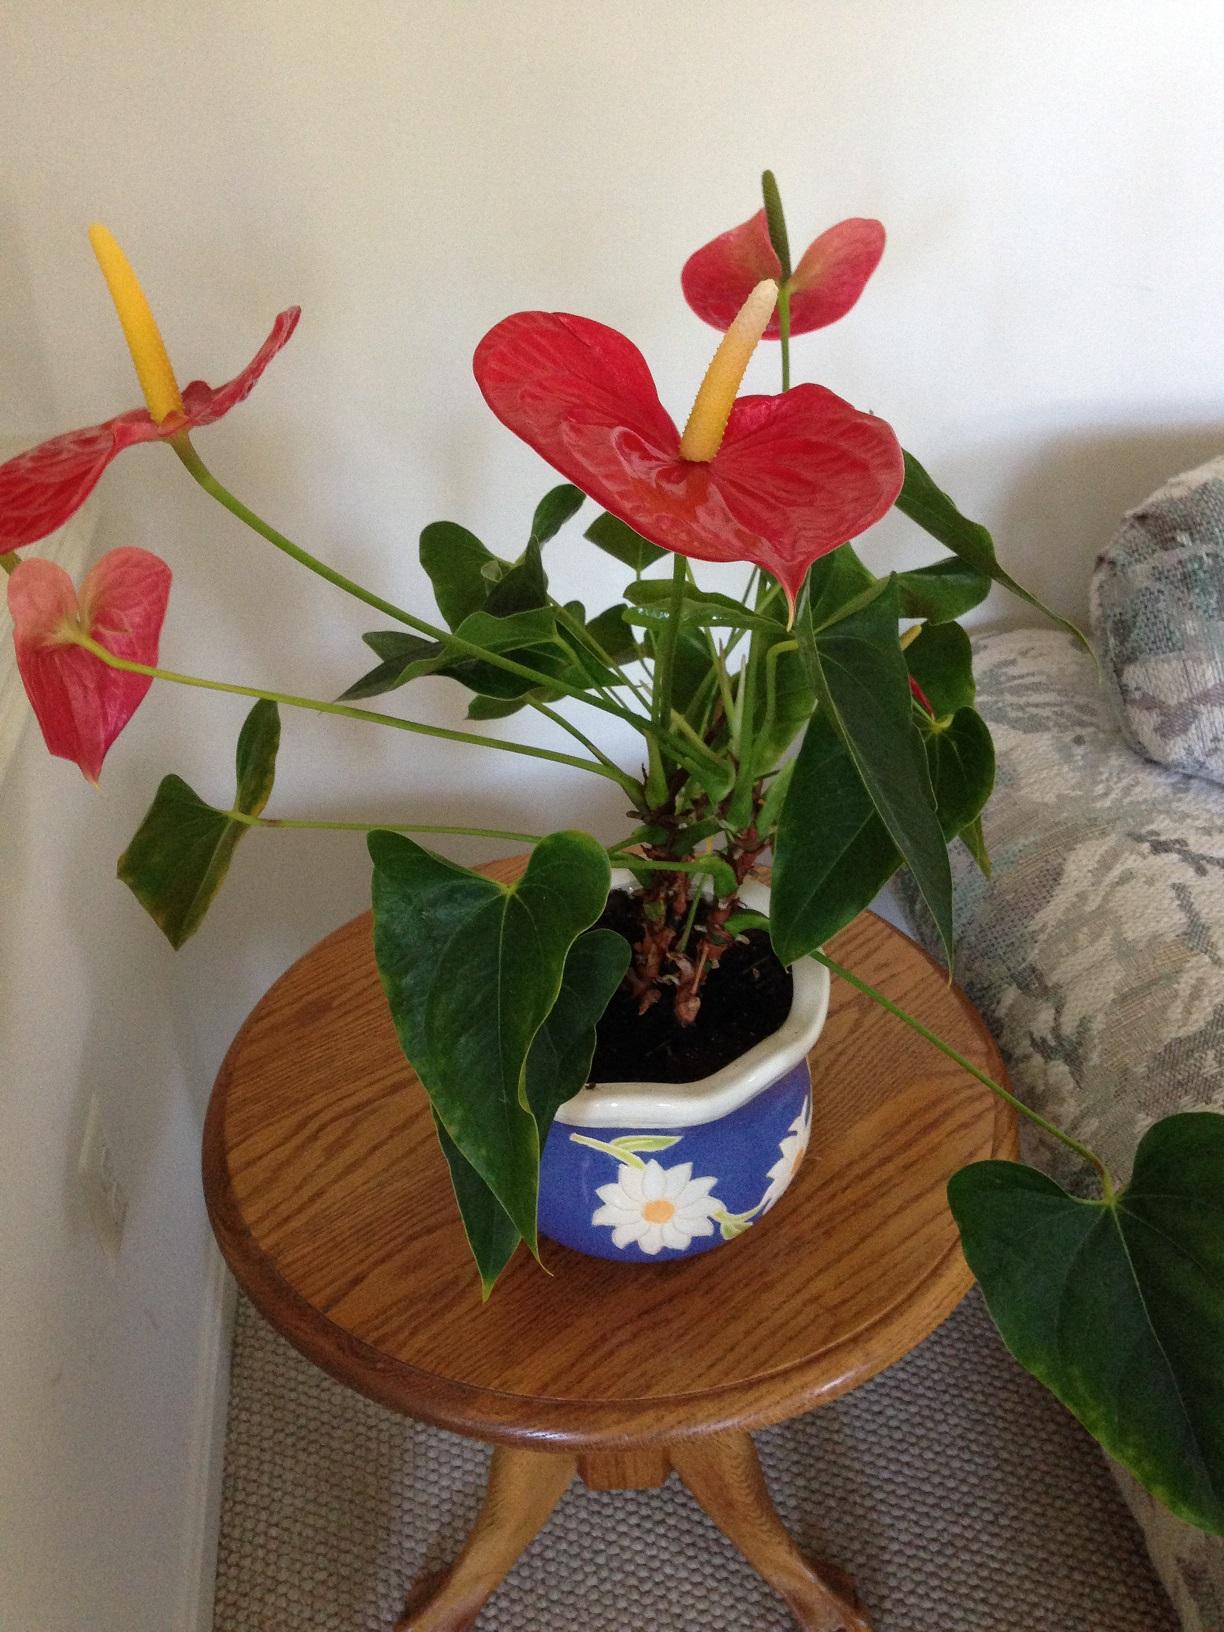 Anthurium Plant Photo